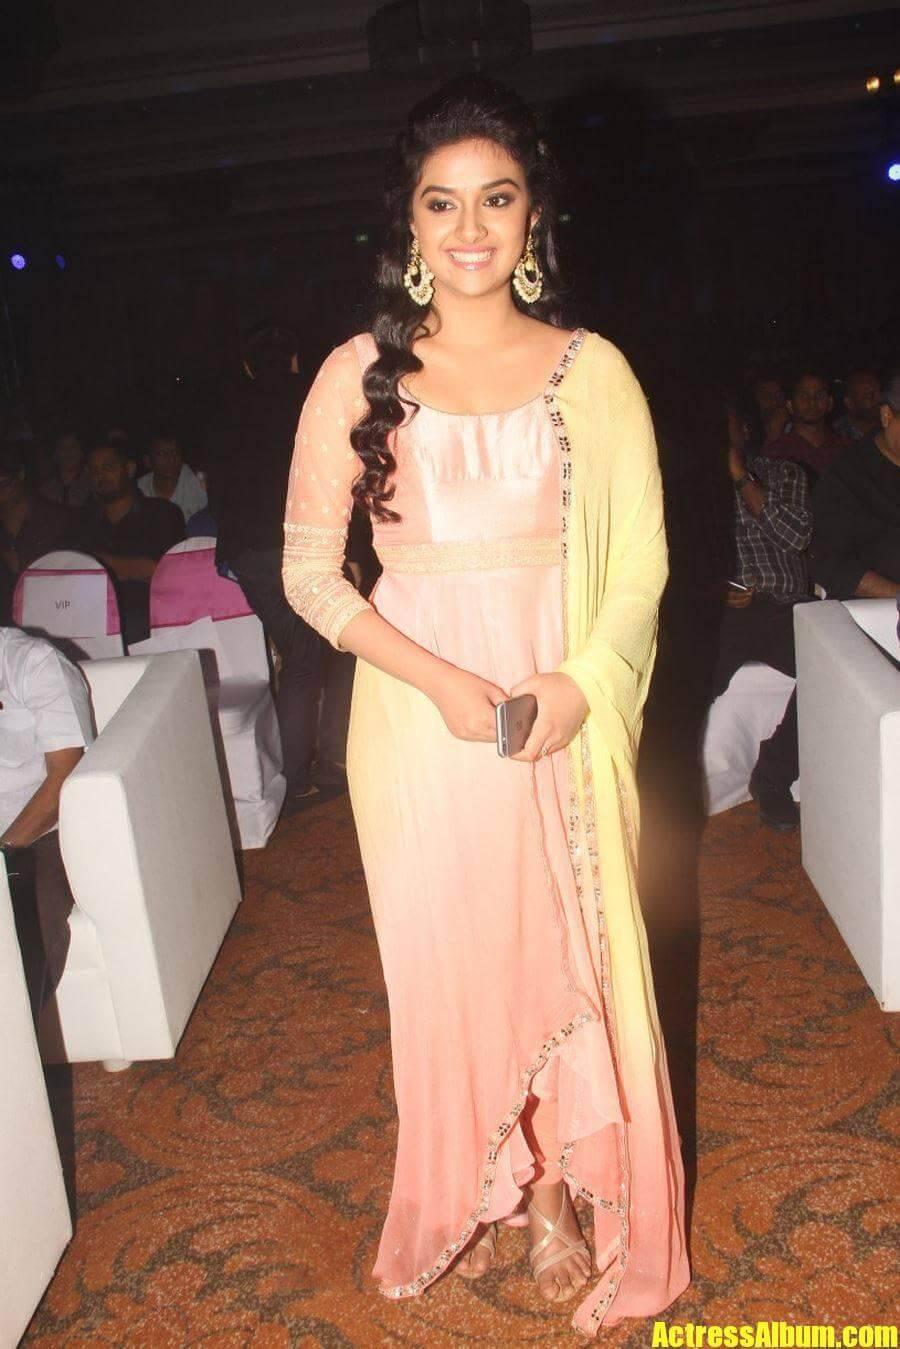 Actress Keerthi Suresh Smiling Photos In Pink Dress ...